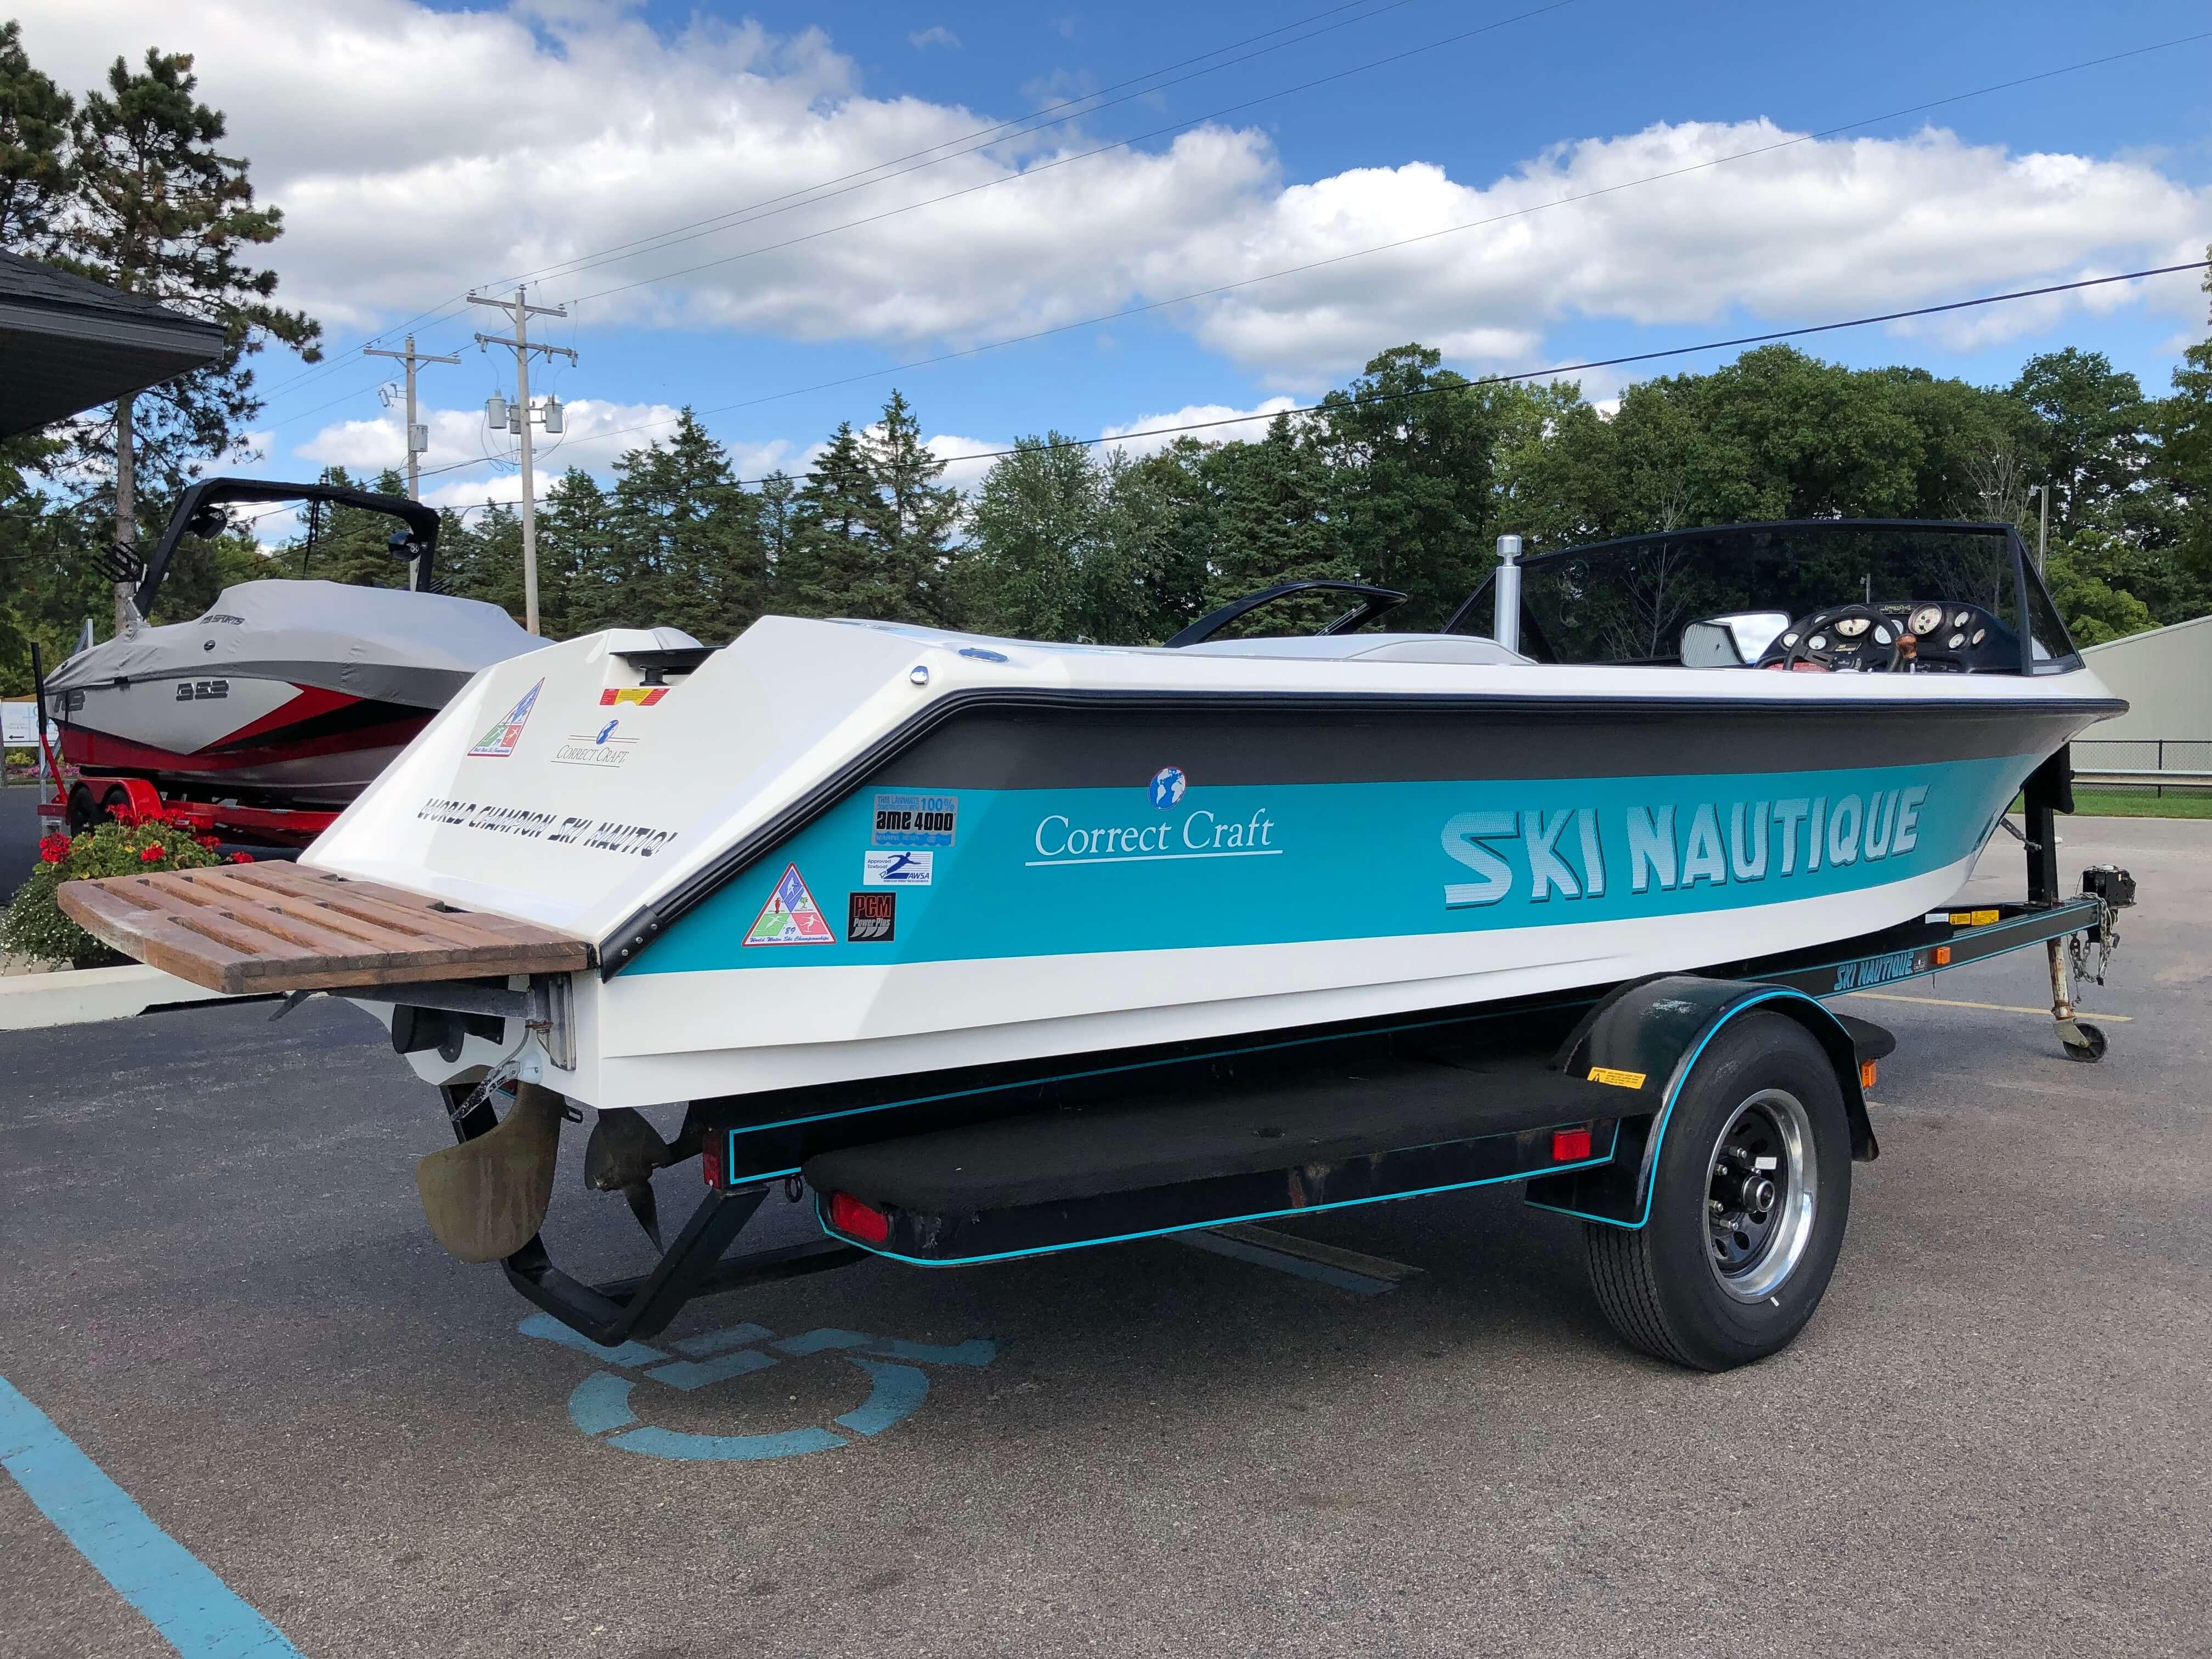 1990 Ski Nautique Ski Boat 8